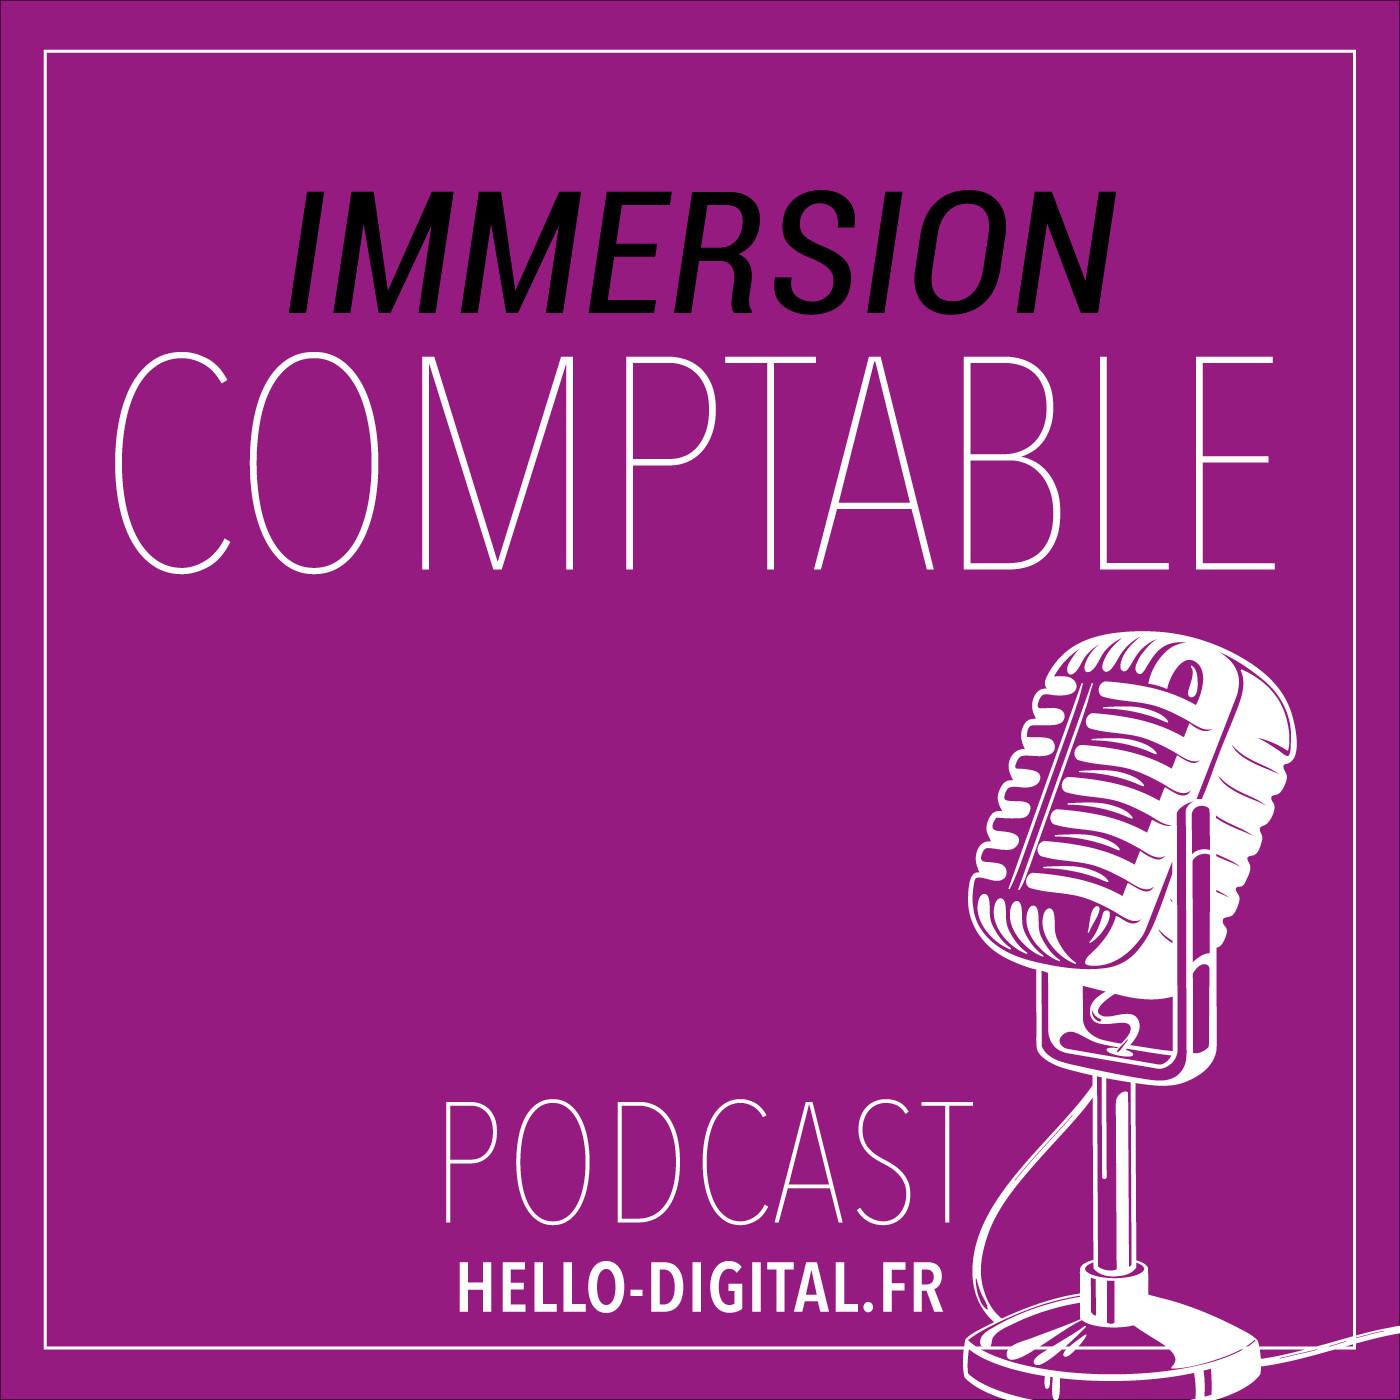 IMMERSION COMPTABLE S02E01 - BENOIT BOBIS 1/2 «Nous sommes des linguistes de la langue comptable»